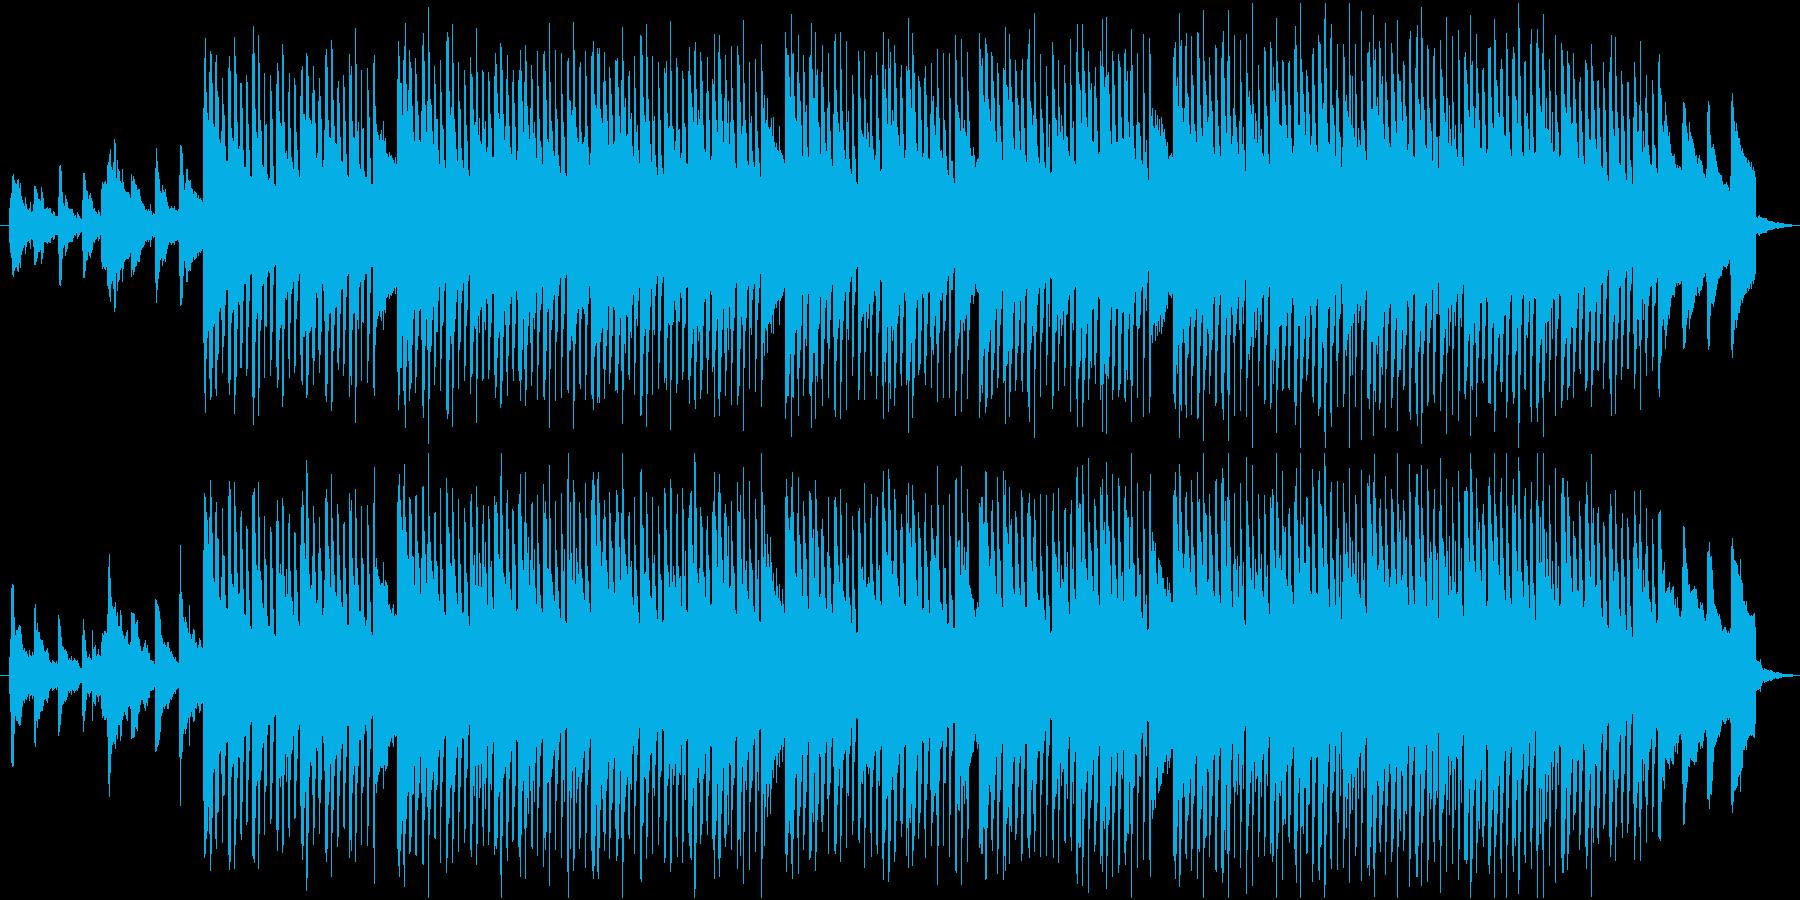 【コーポレート音楽】落ち着くトロピカル③の再生済みの波形